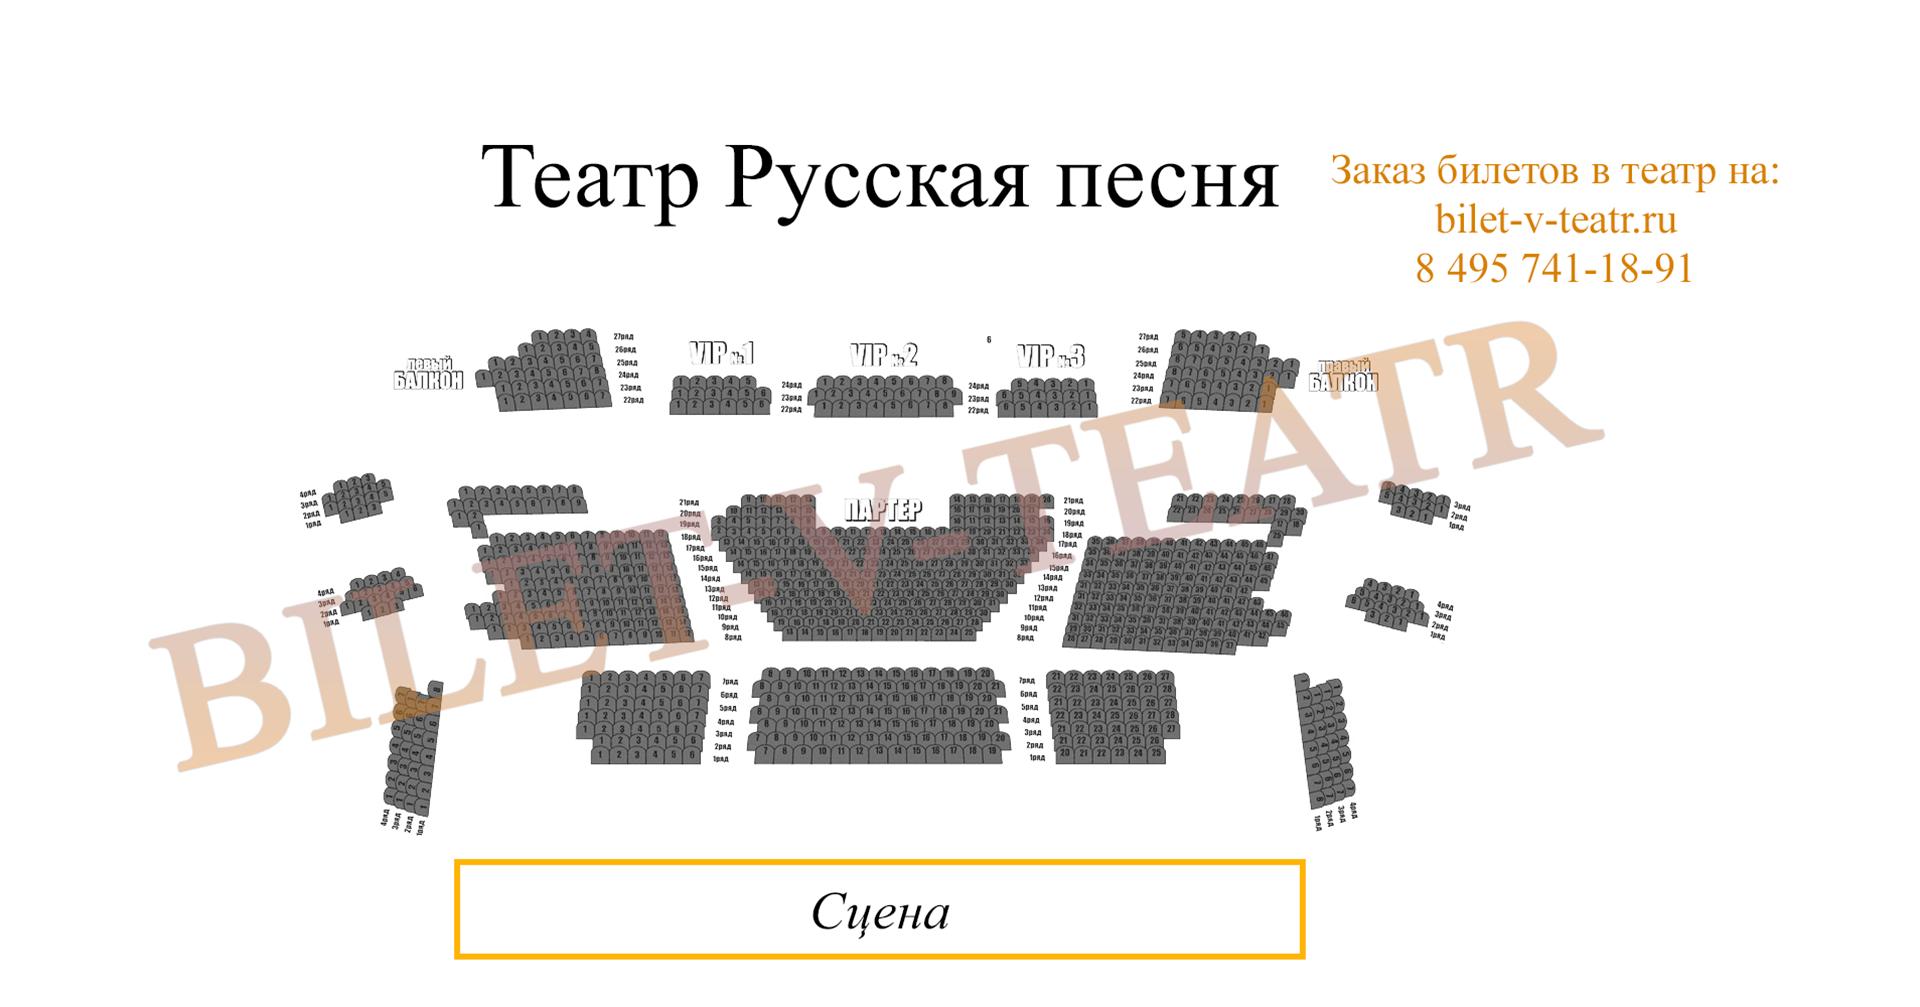 Театр бабкиной схема зала